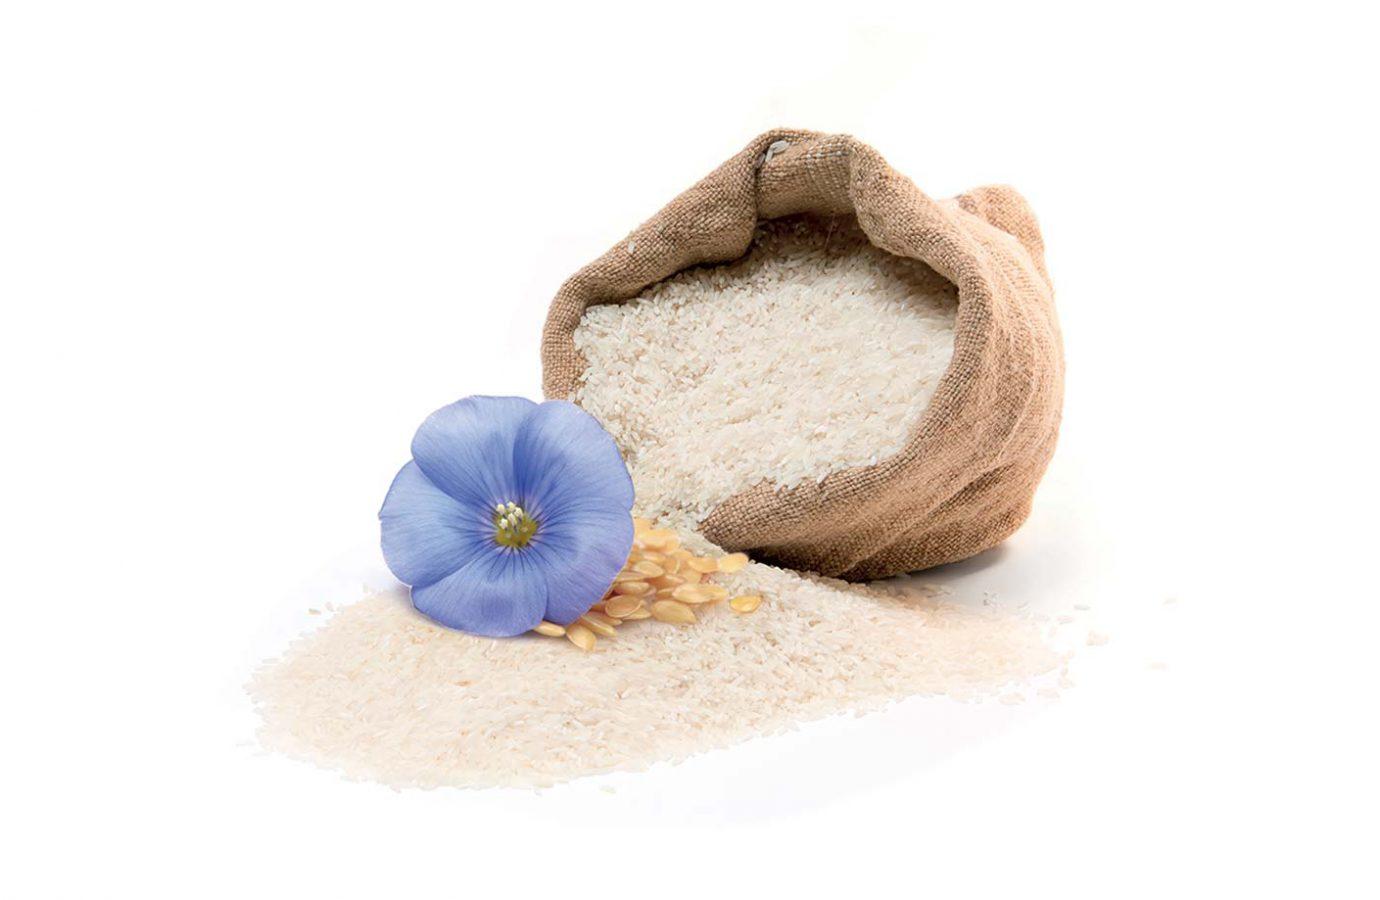 Sacchetto di riso bianco con fiore azzurro usato nel packaging design di prodotti cosmetici naturali realizzato da WillBe